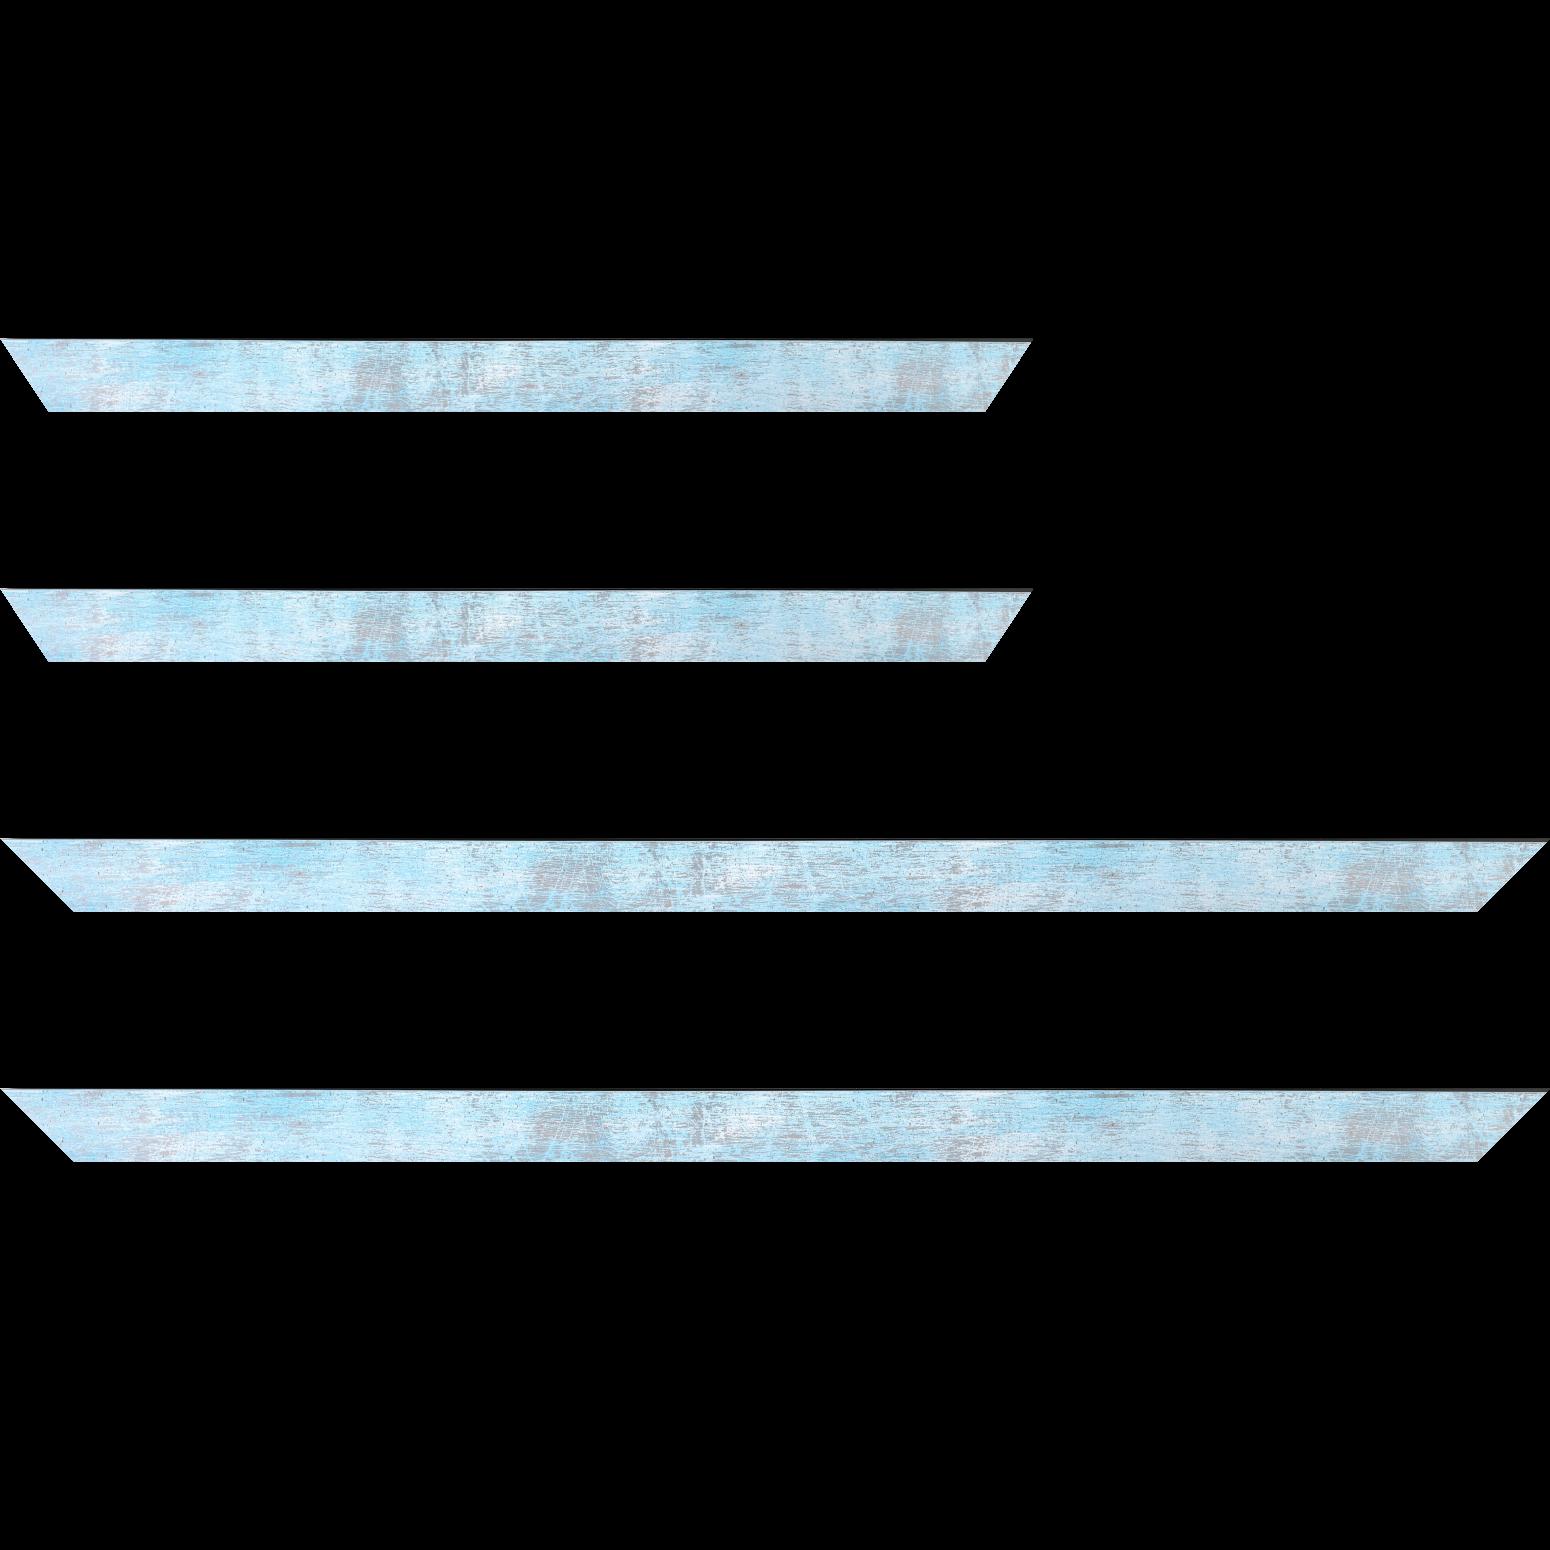 Baguette service précoupé Bois profil concave largeur 2.4cm de couleur bleu pale fond argent